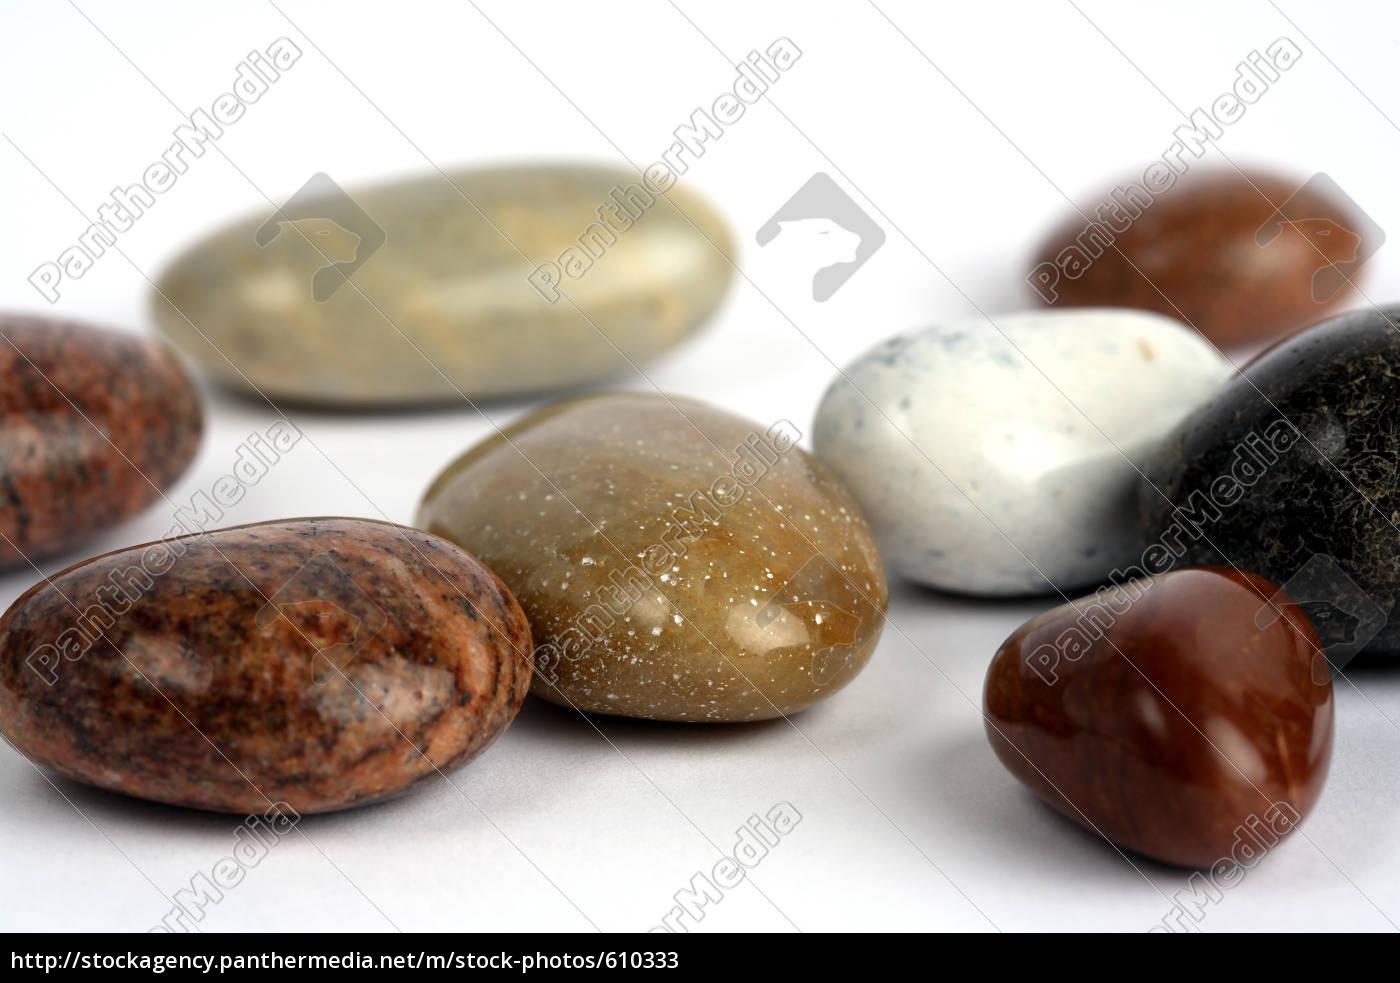 stones - 610333